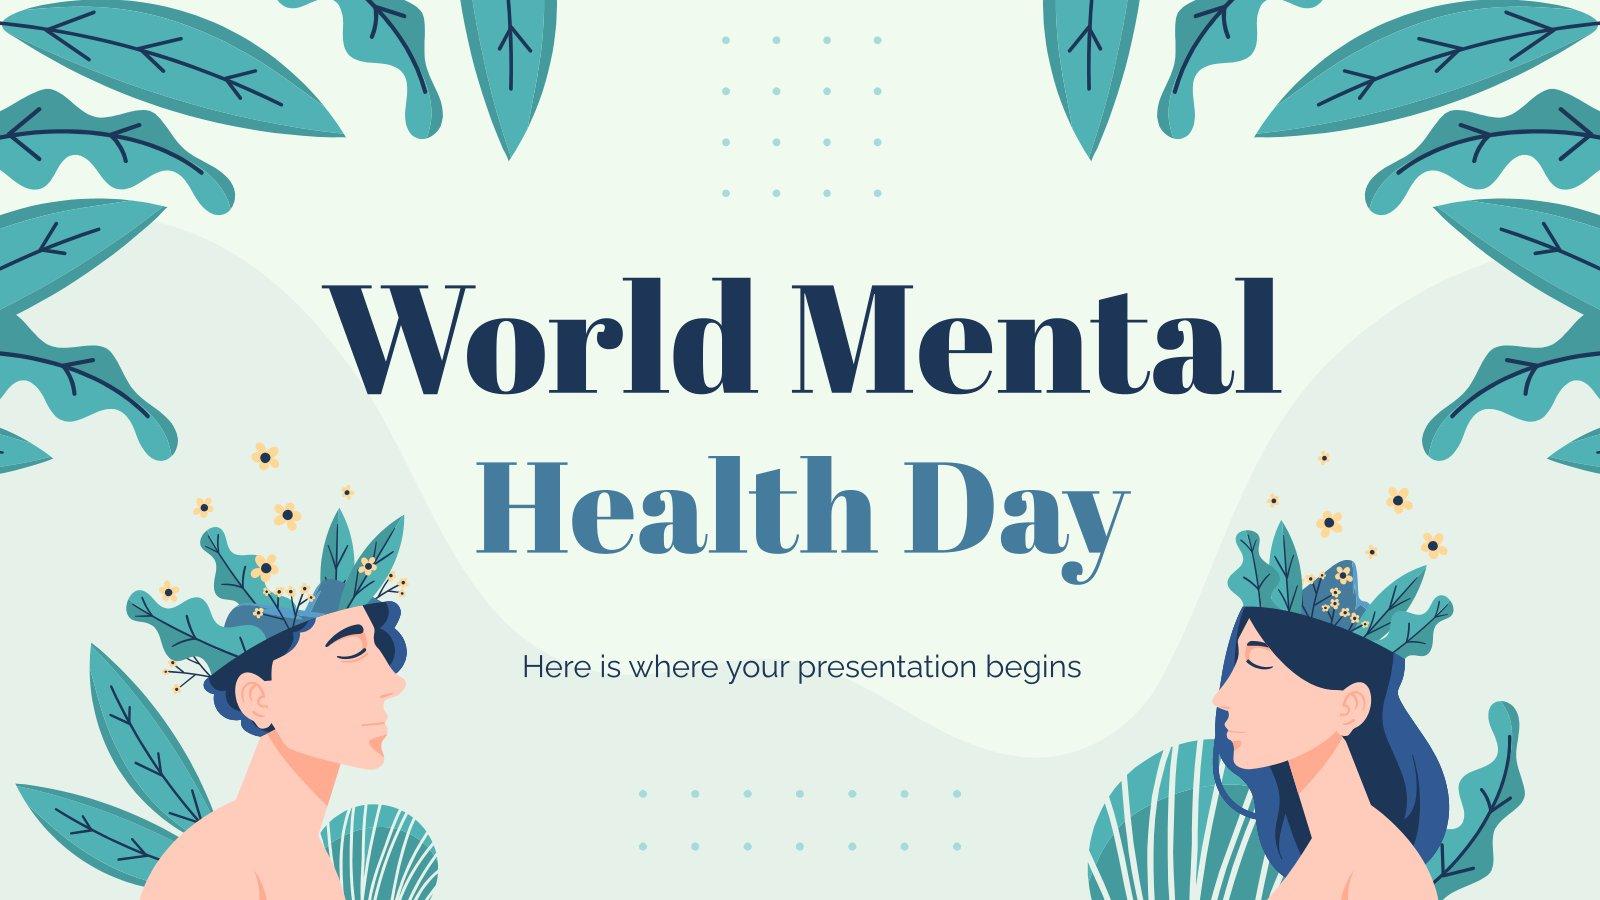 Journée mondiale de la santé mentale : Modèles de présentation